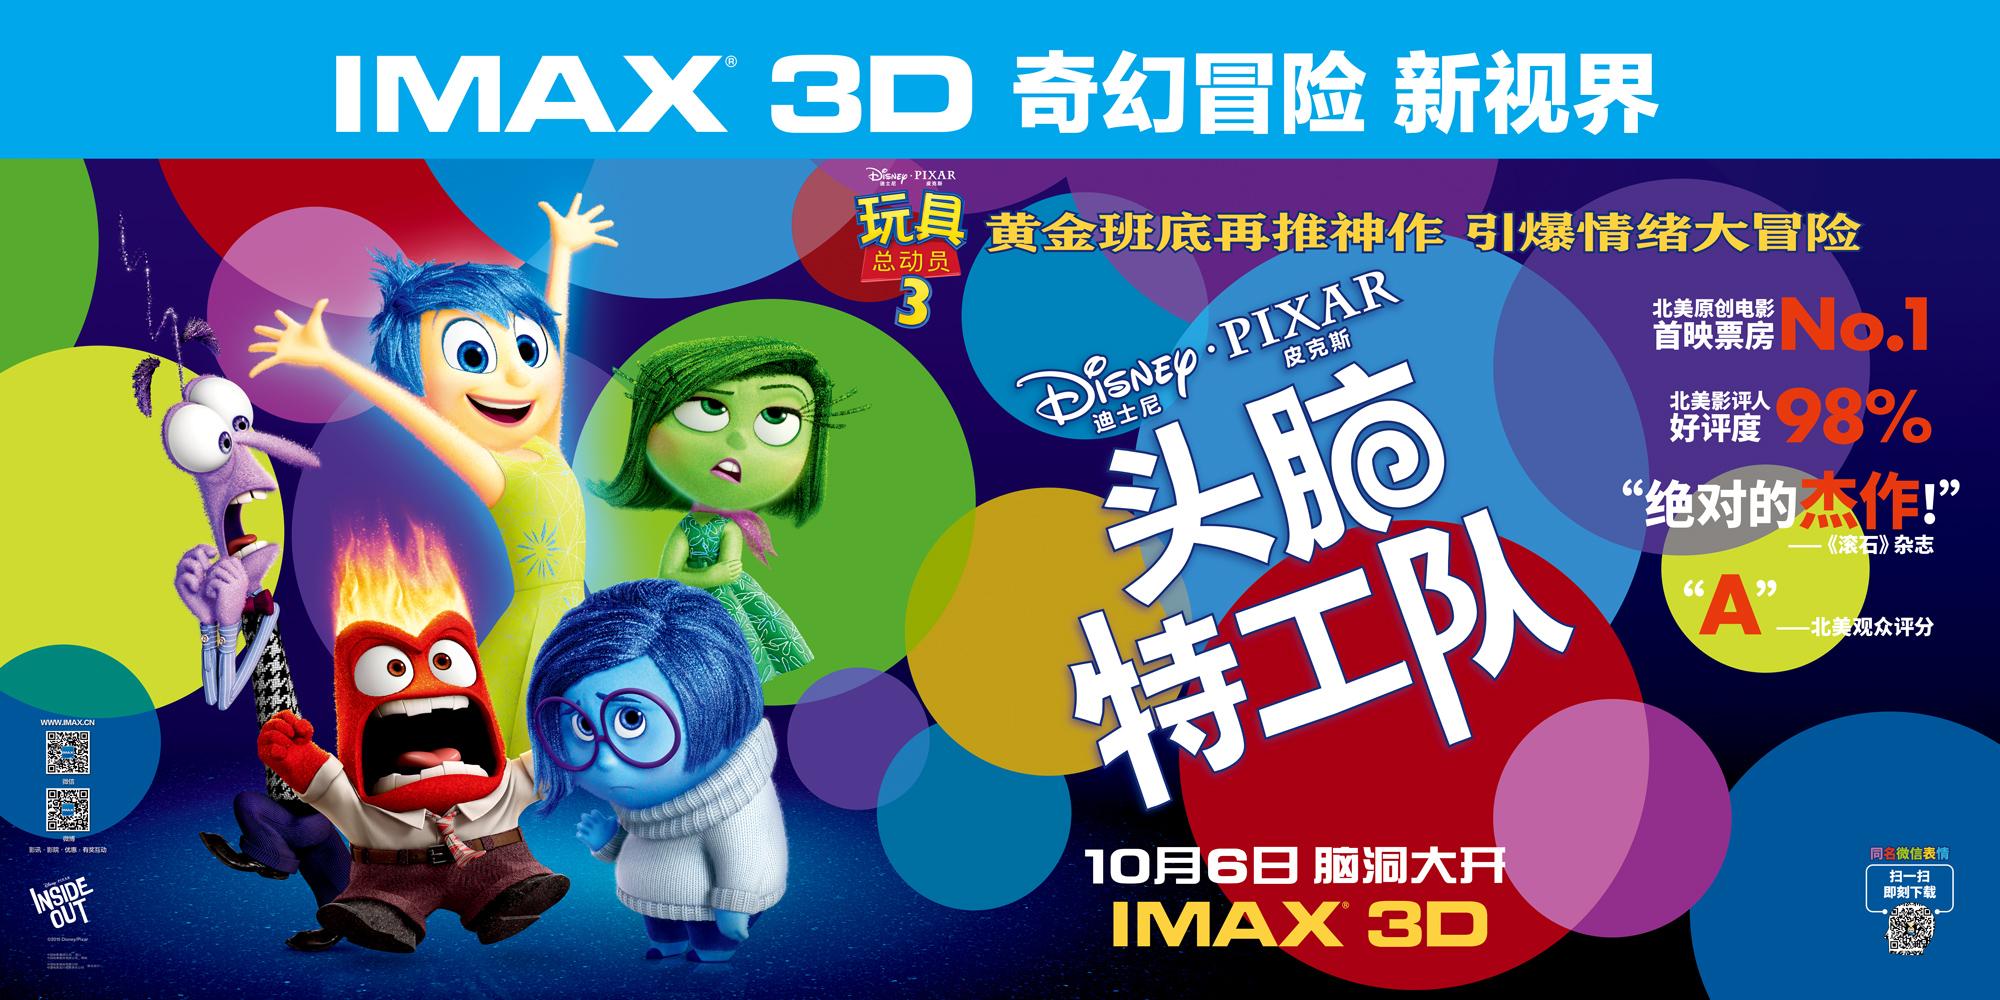 《头脑特工队》10月6日国庆期间将在中国地区上映,让动画片影迷们更图片